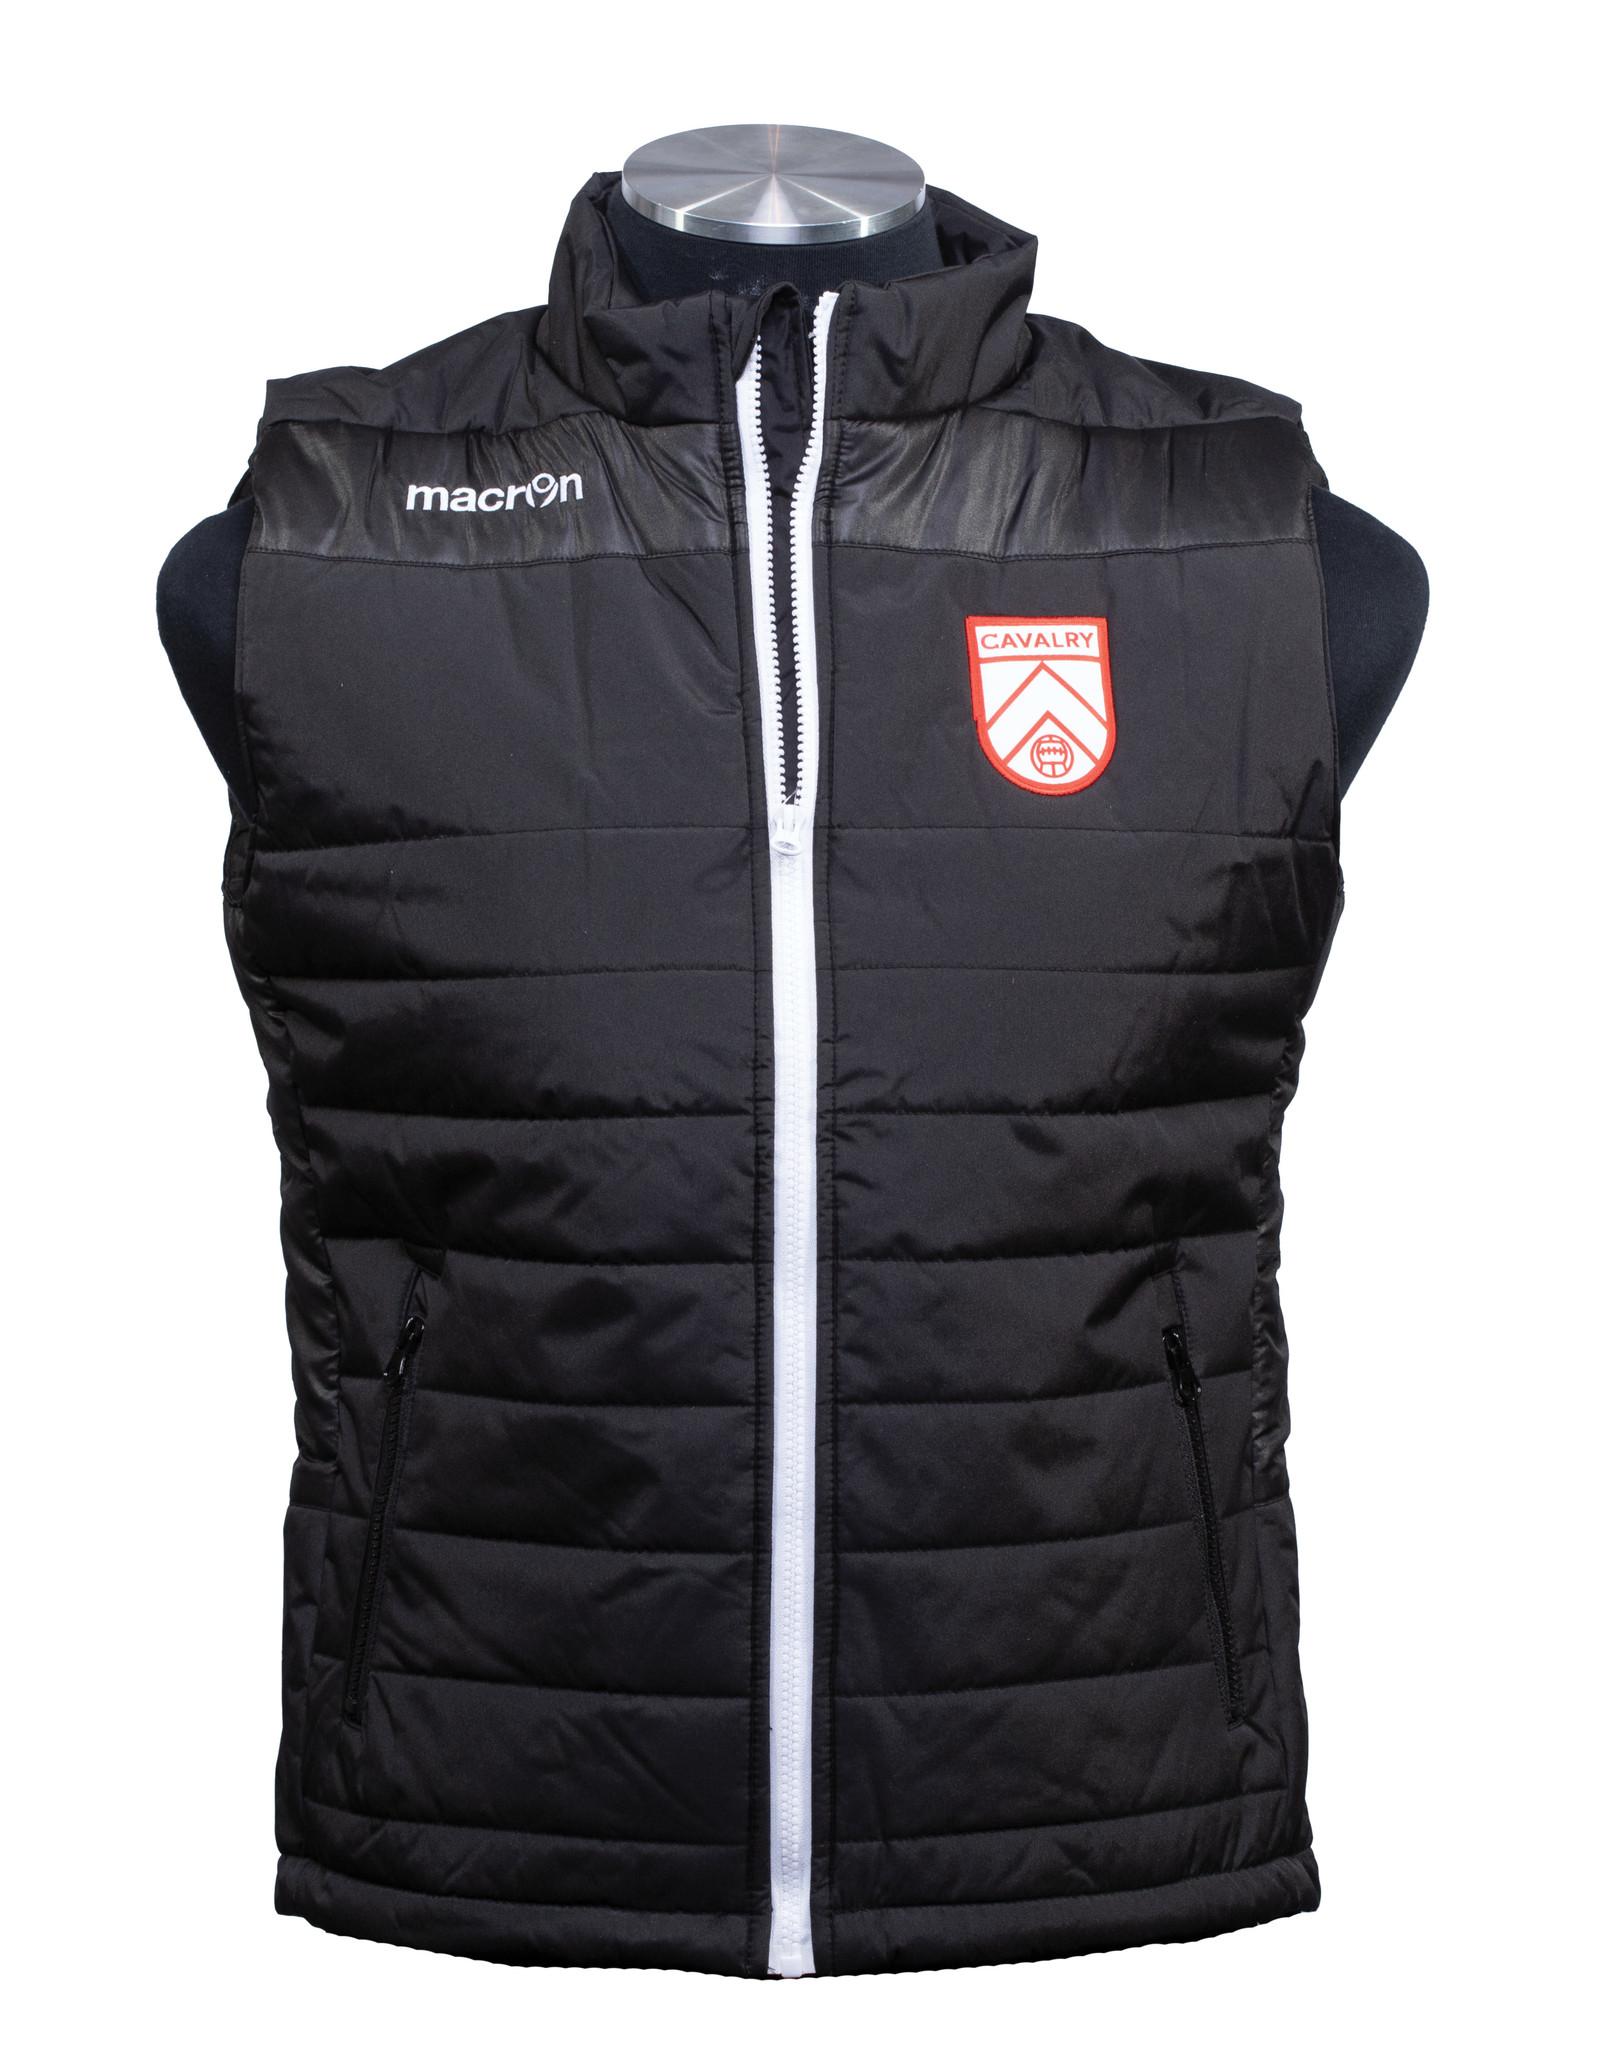 Macron Cavalry FC Vest